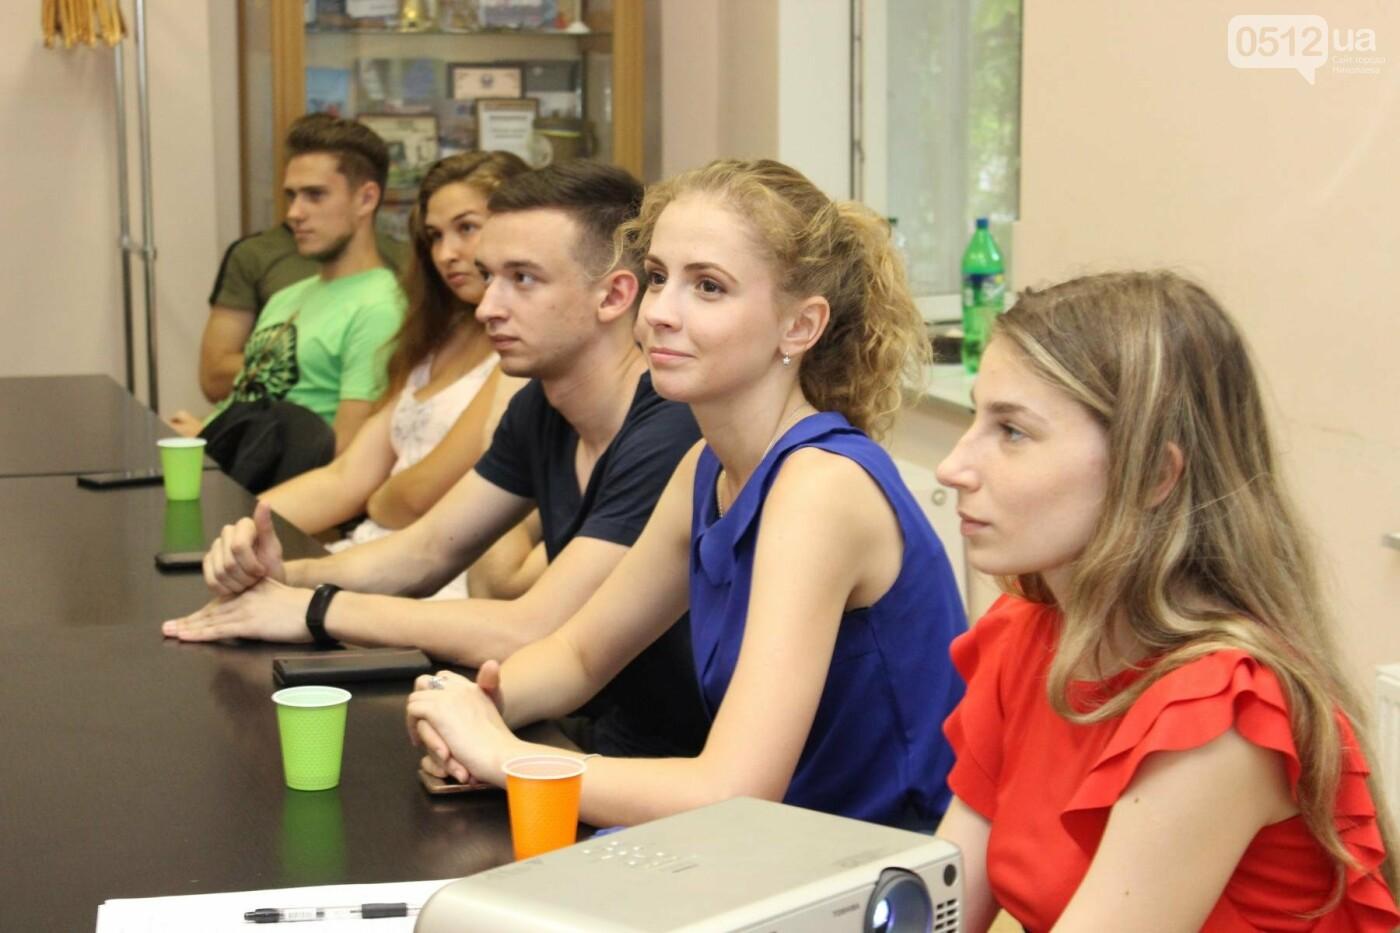 Николаевской молодежи рассказали о важности политической образованности, - ФОТО, фото-6